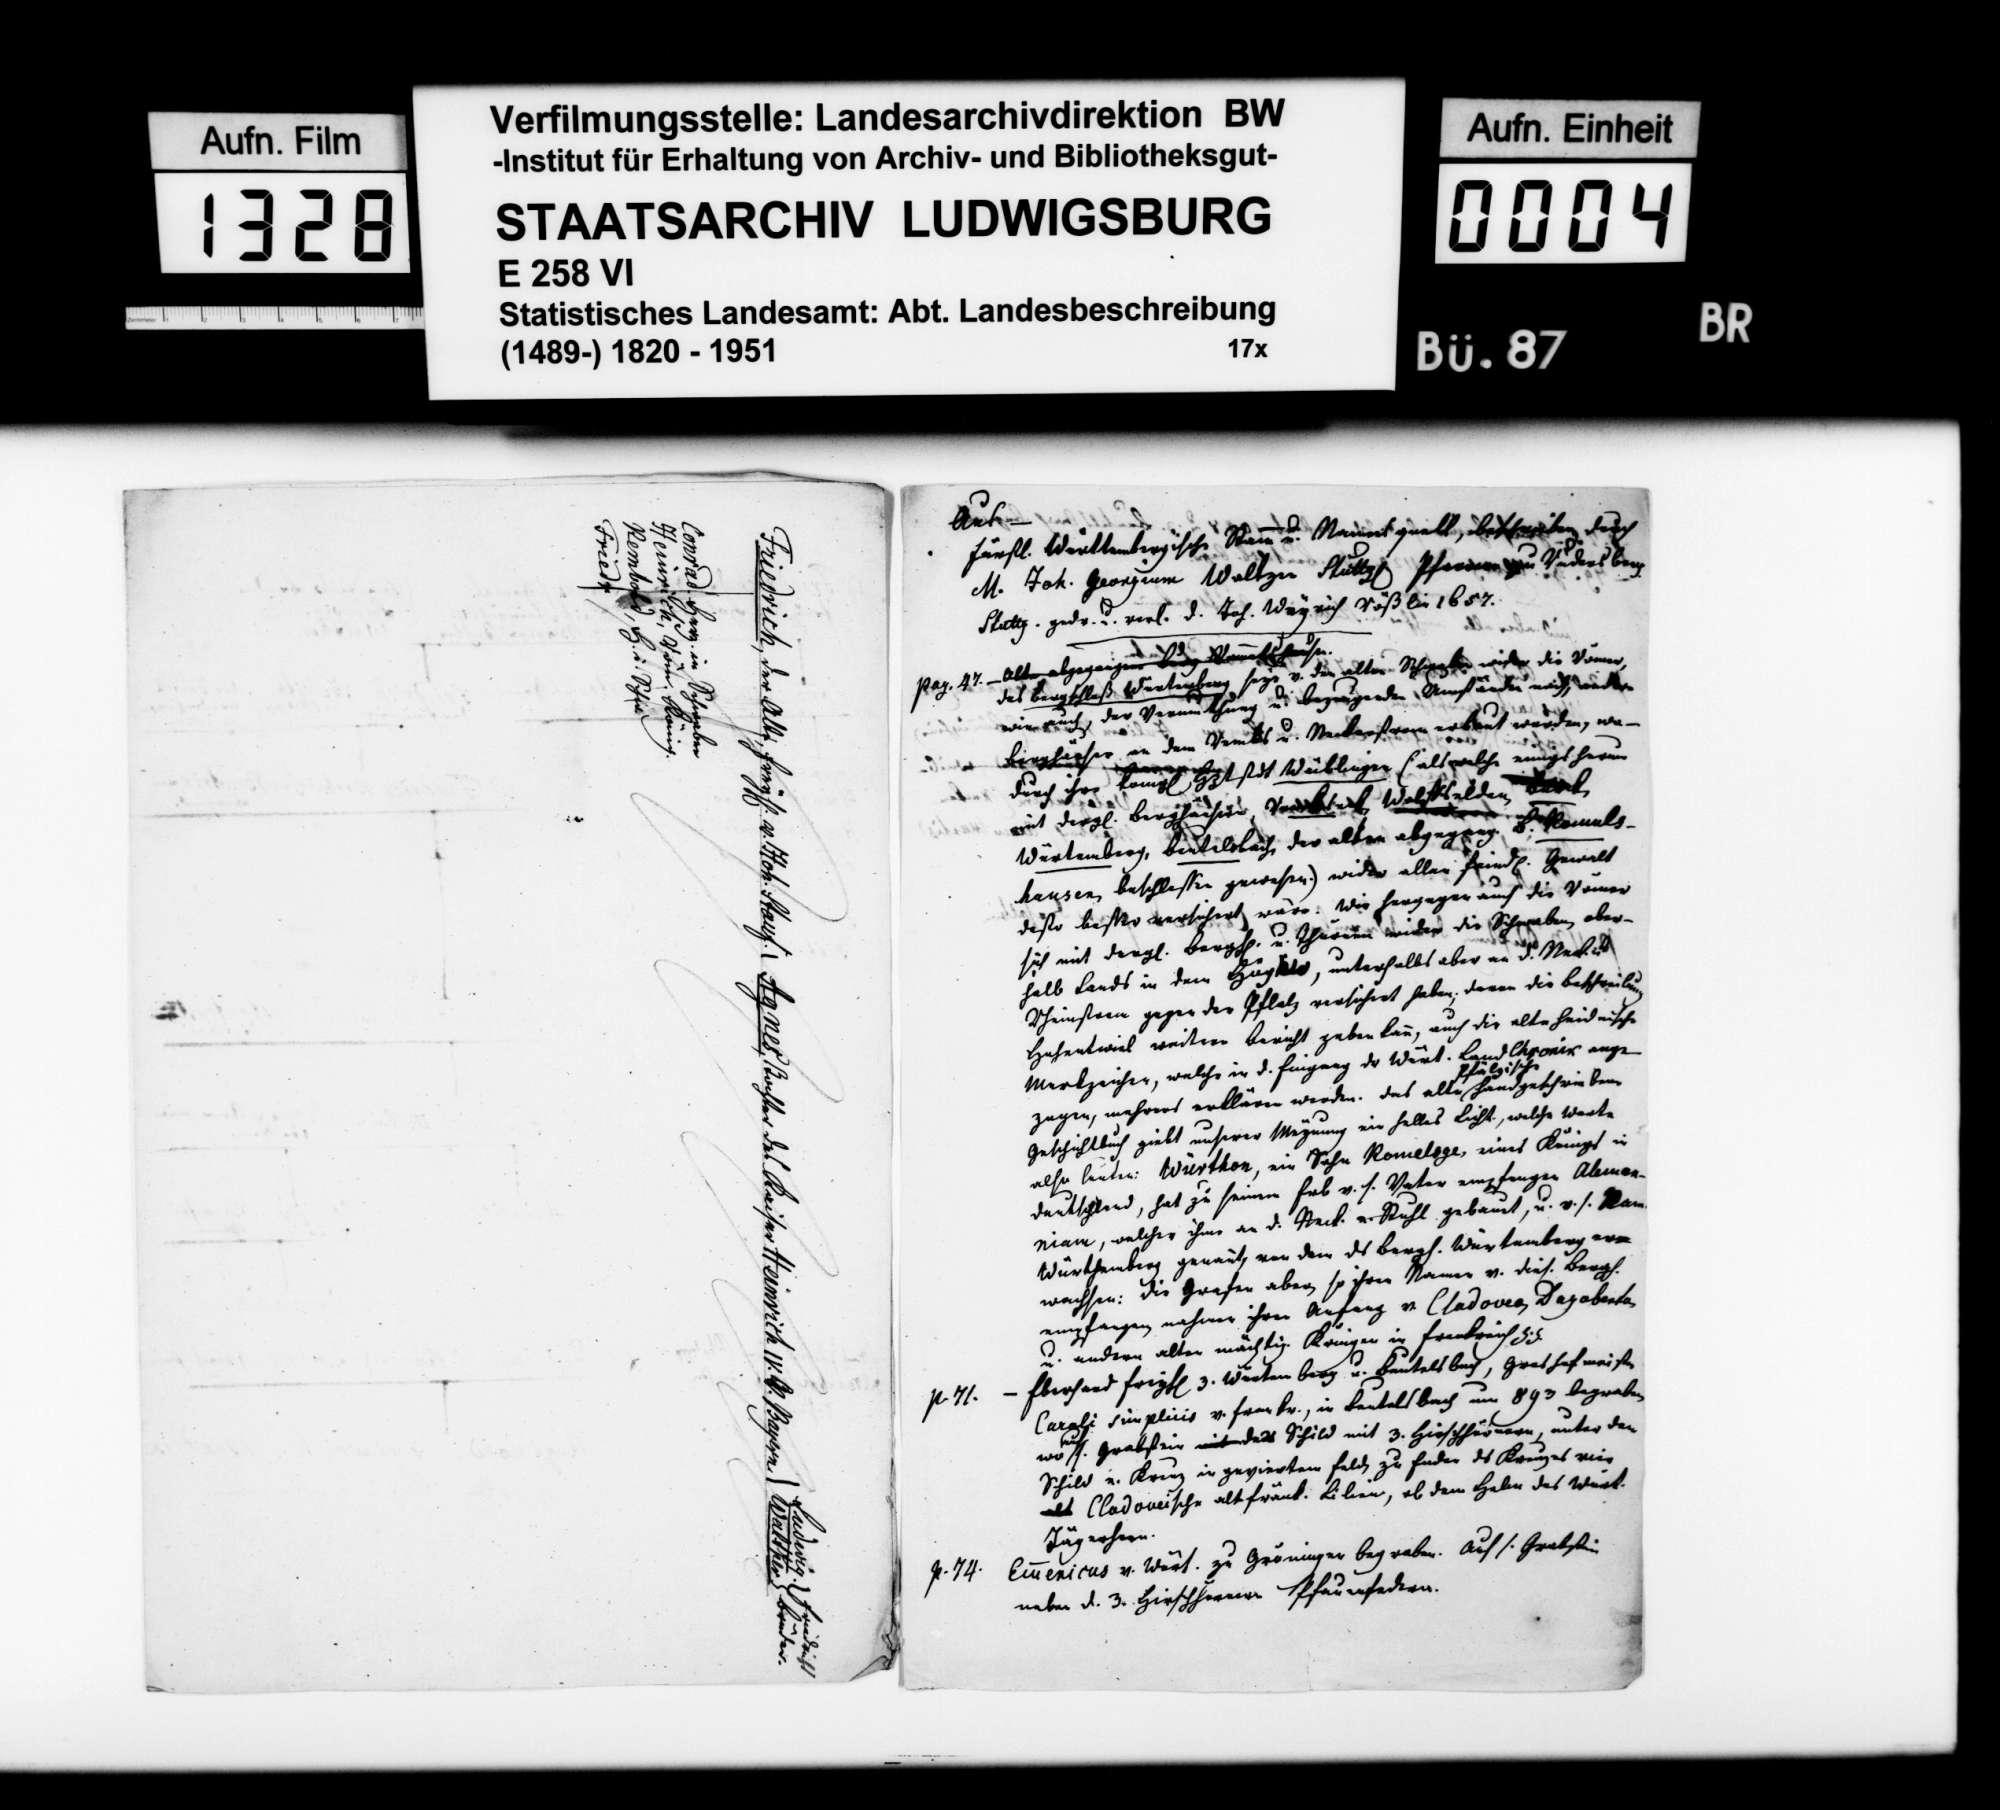 Verschiedenes Material [des Kupferstechers August Seyffer] zu den württembergischen Altertümern, Bild 3